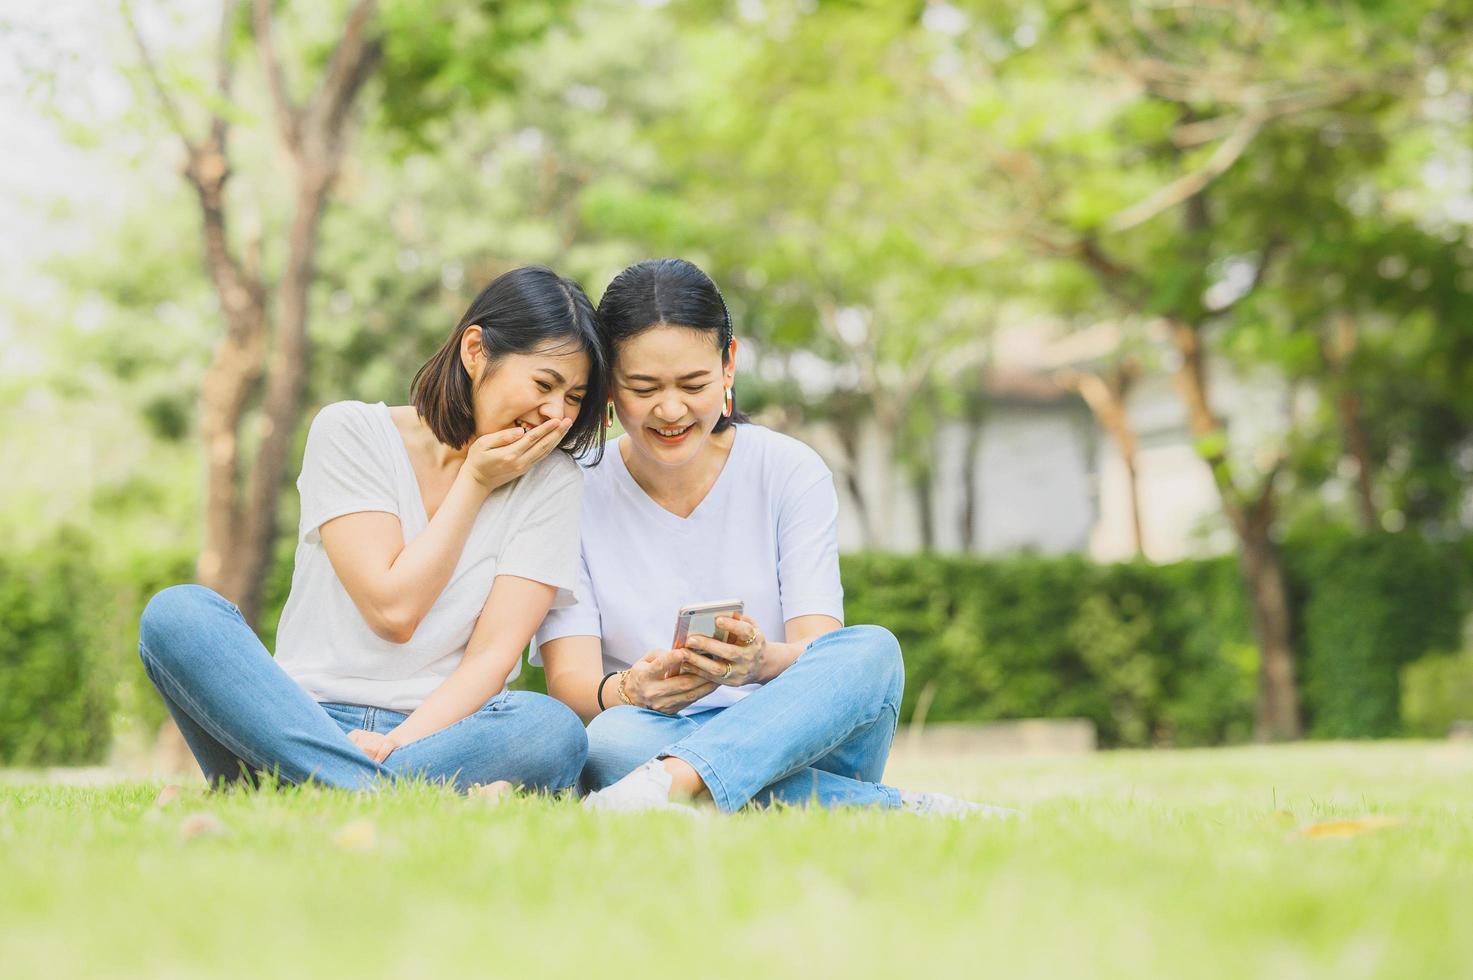 asiatiska kvinnor skrattar medan de använder smartphone utomhus foto